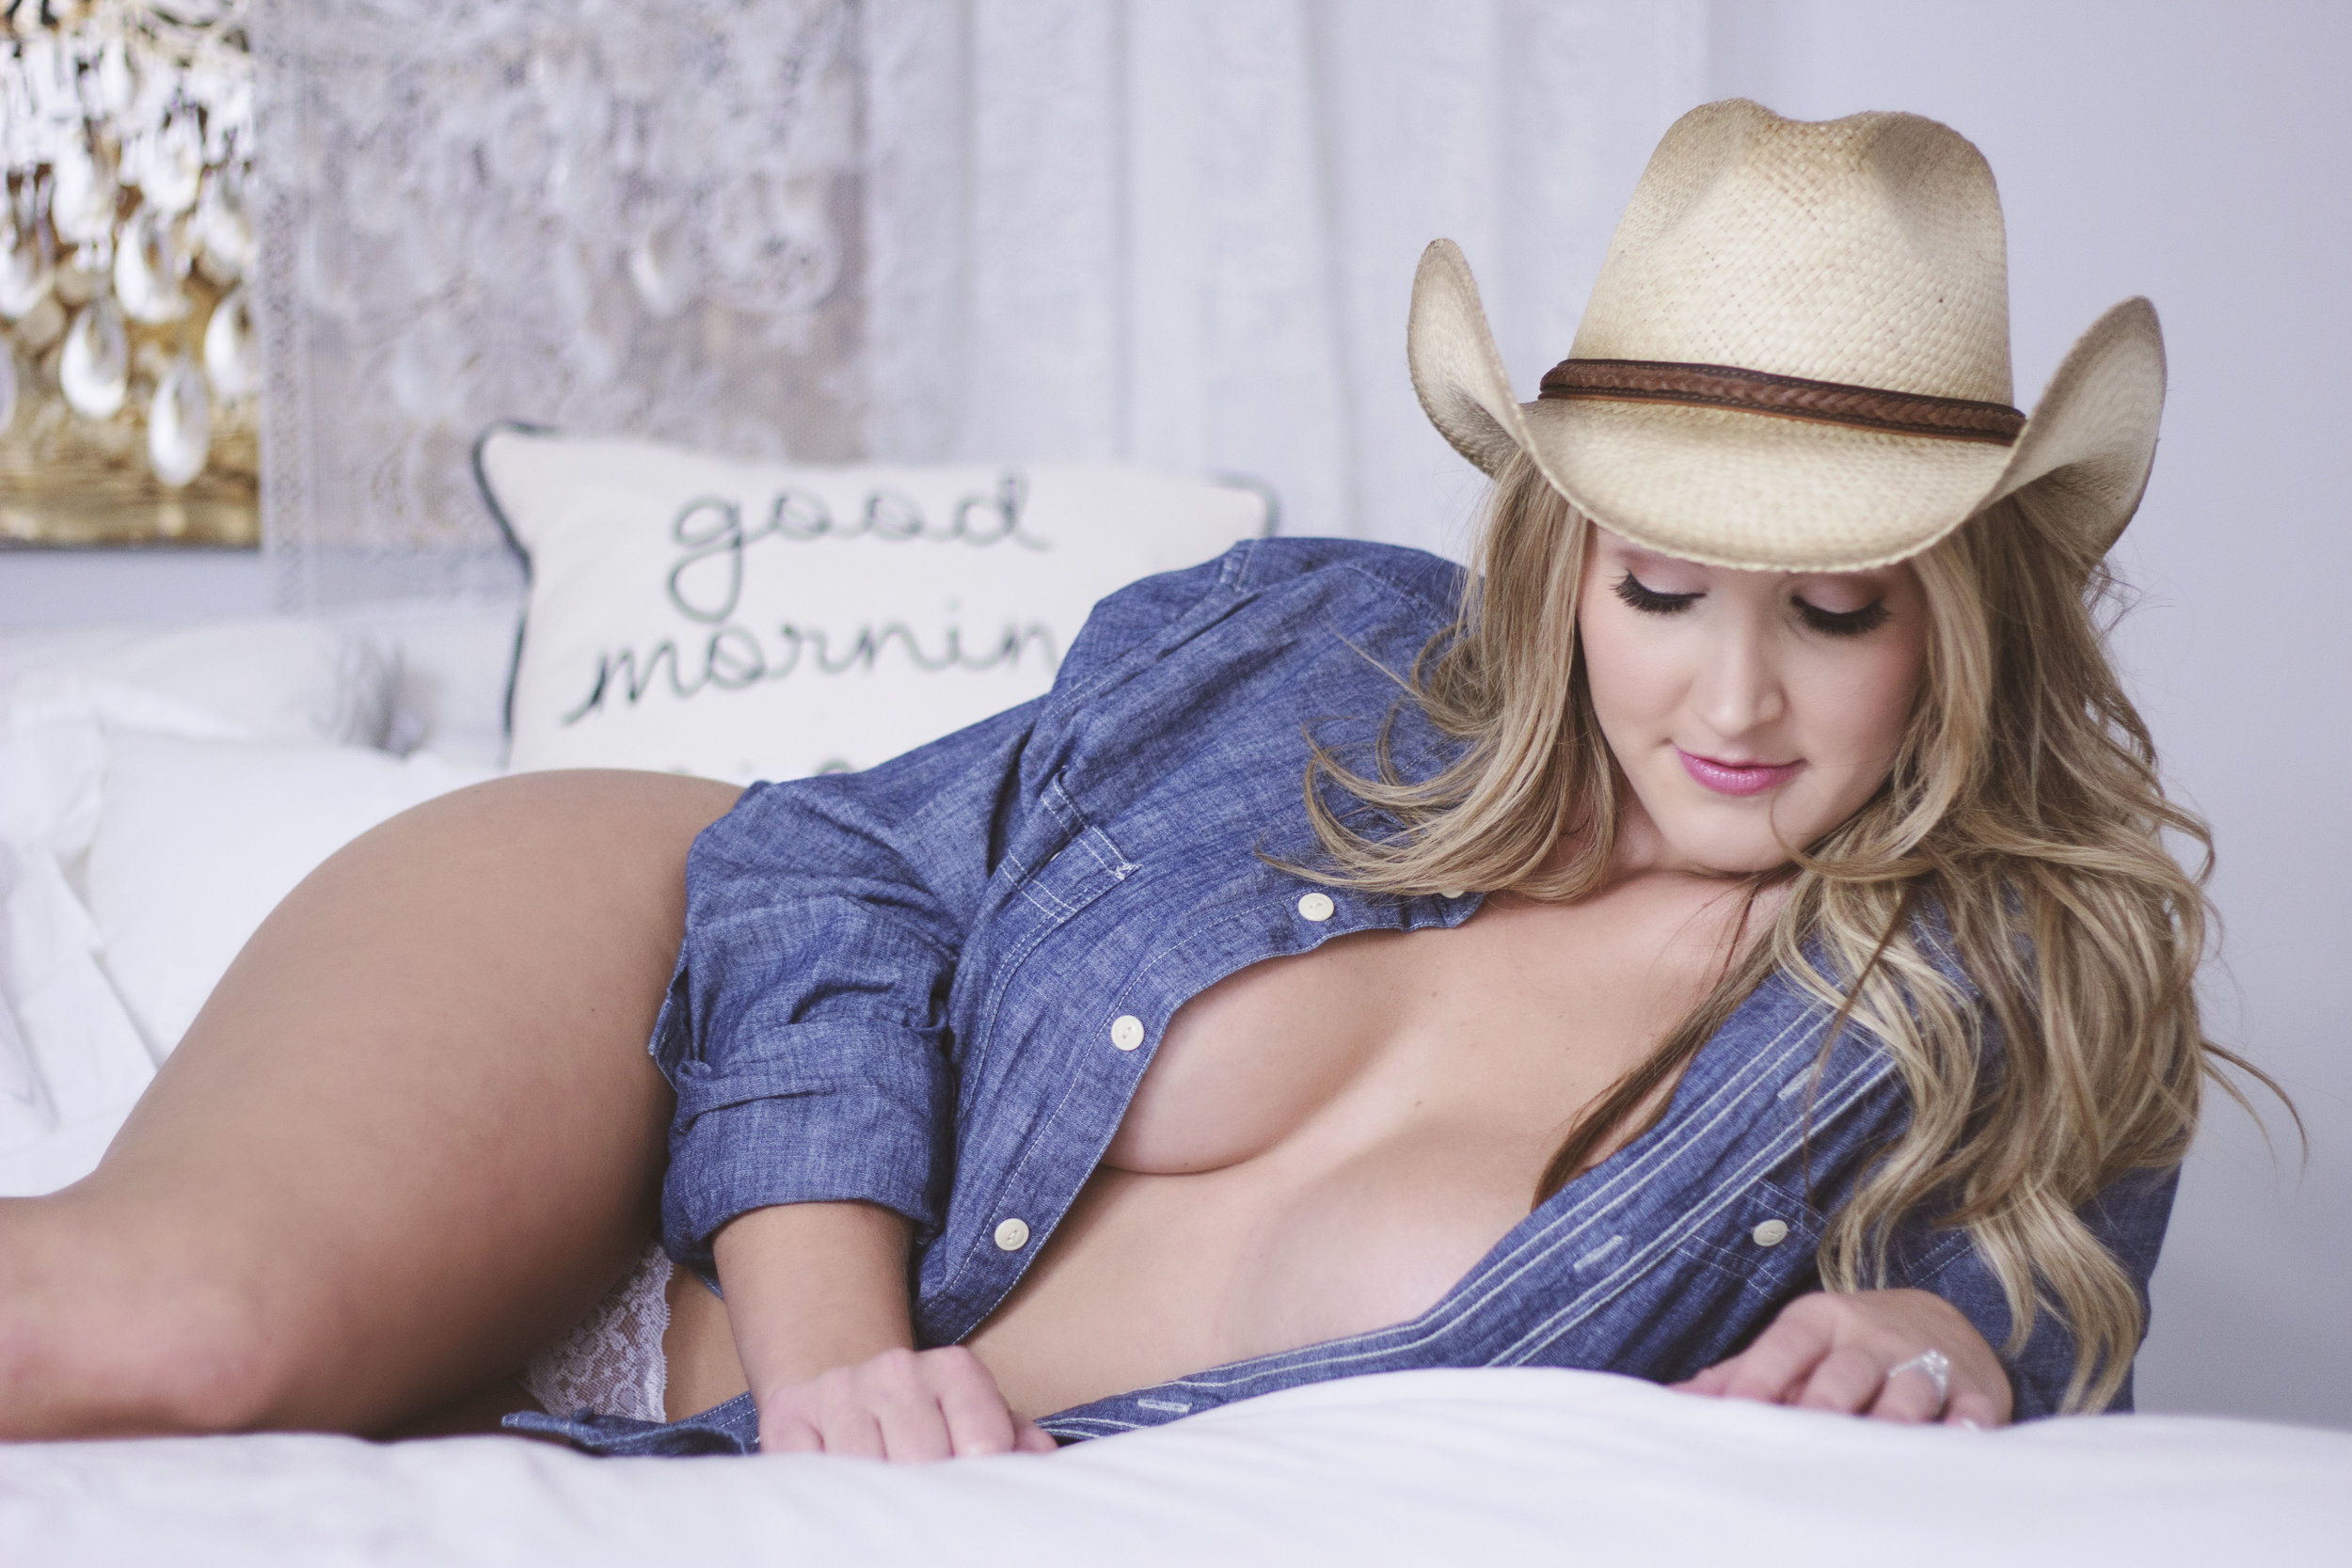 Cowgirl_Boudoir.jpg